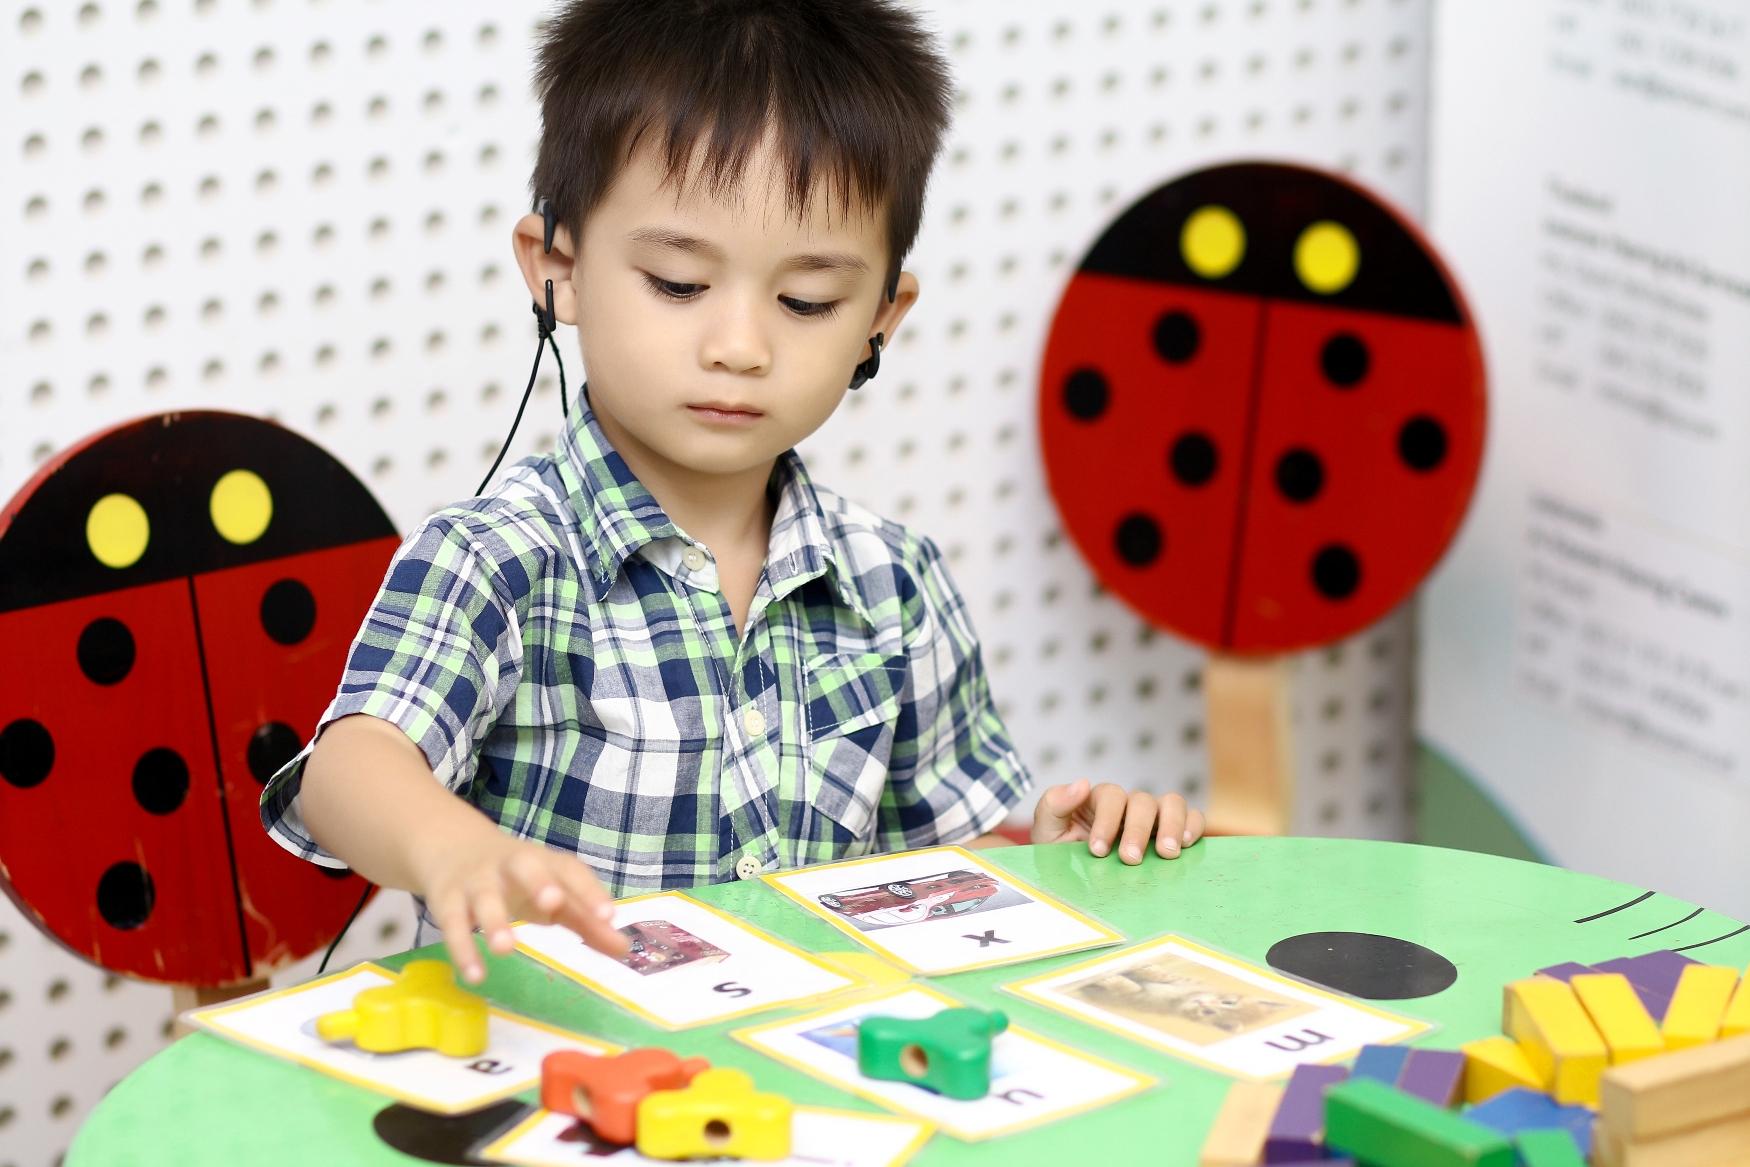 Bài dạy trẻ khi mới bật máy Cochlear hoặc mới đeo máy trợ thính